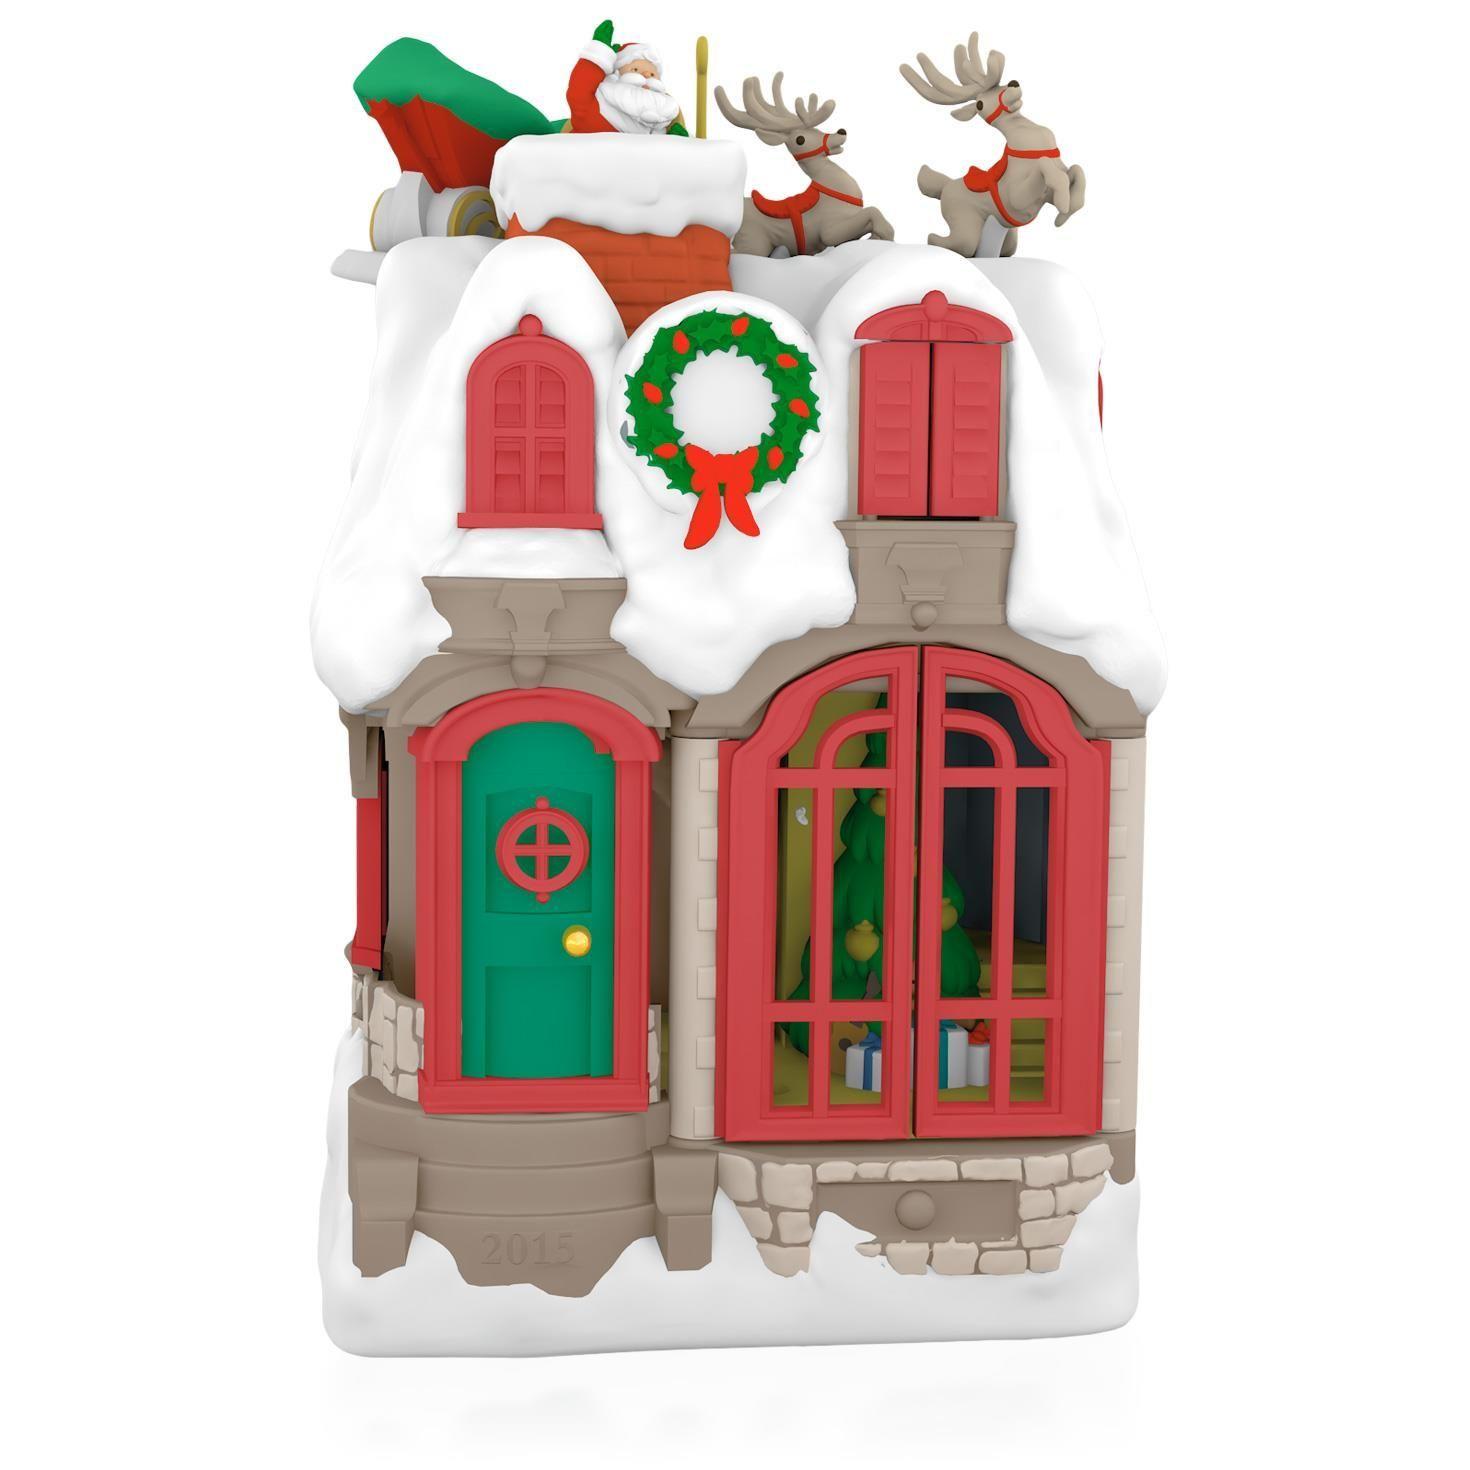 Rv ornament - Festive Santa Premium Porcelain Ornament